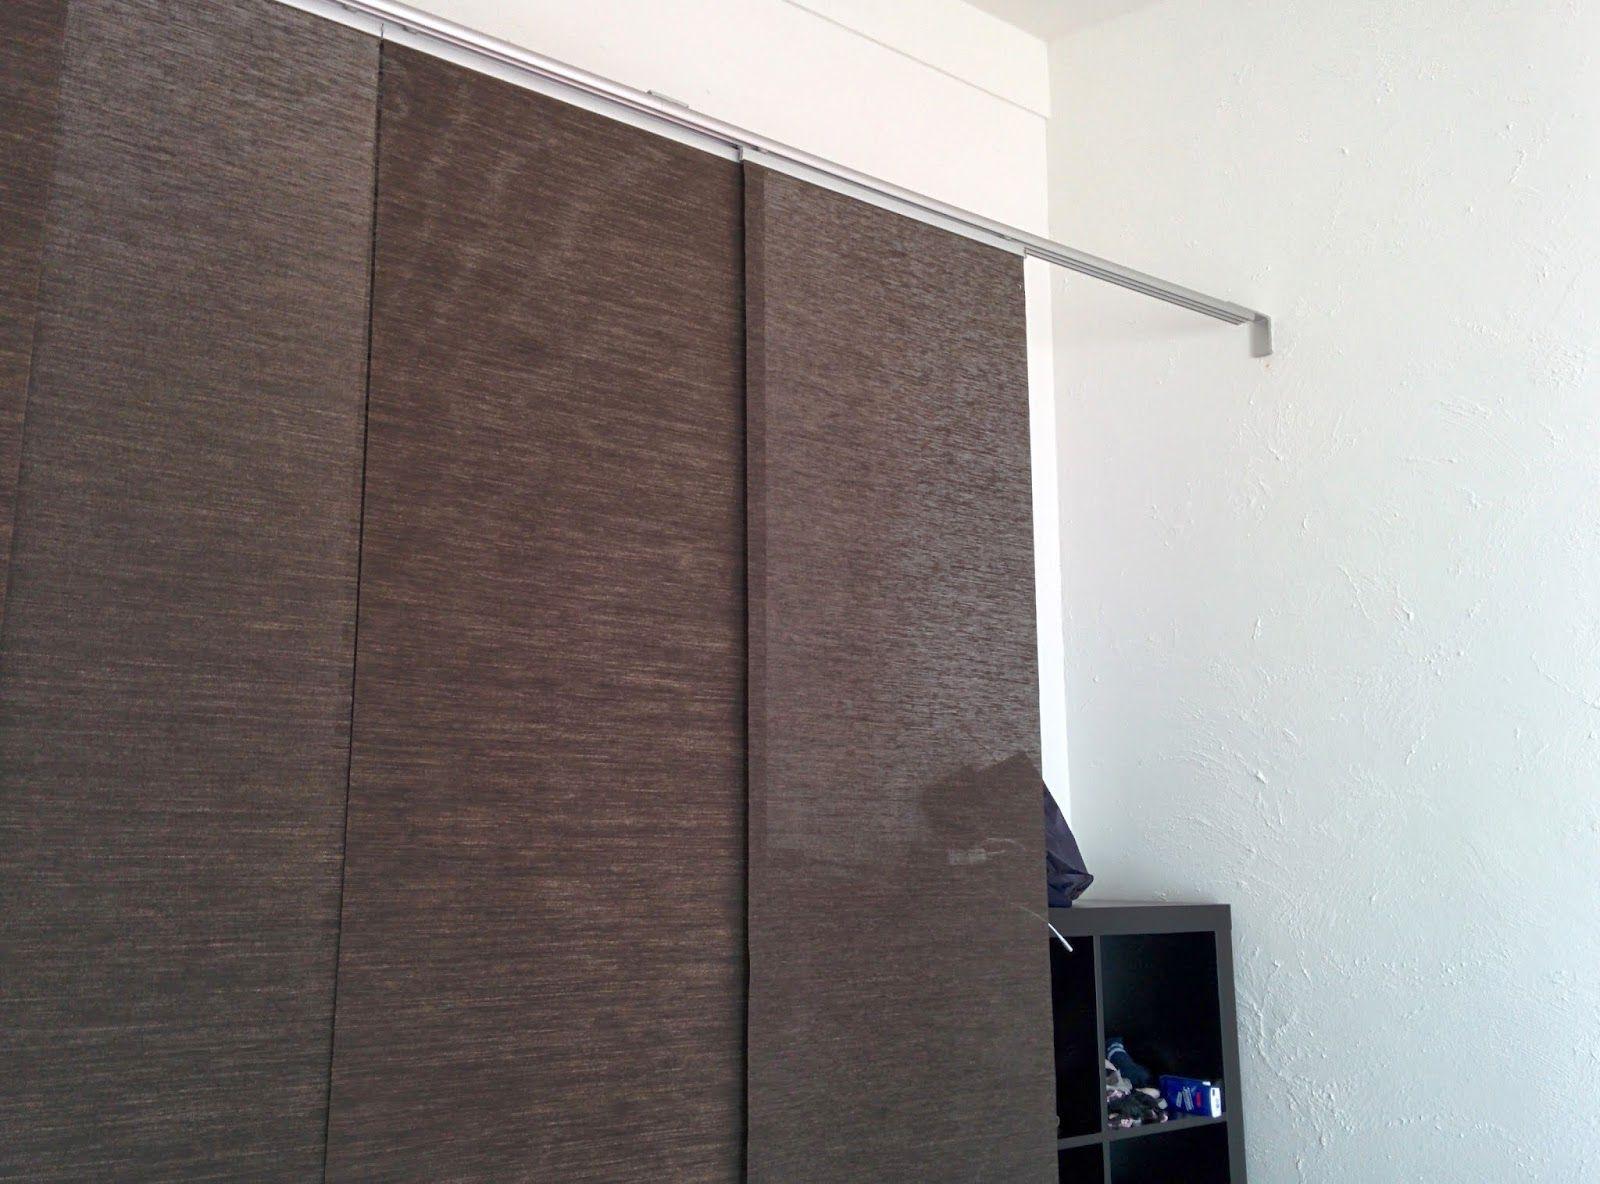 Full Size of Ikea Gardinen Edelstahl Schrank Normale Schiene Nazarm Fenster Für Küche Scheibengardinen Schlafzimmer Sofa Mit Schlaffunktion Kaufen Betten 160x200 Wohnzimmer Ikea Gardinen